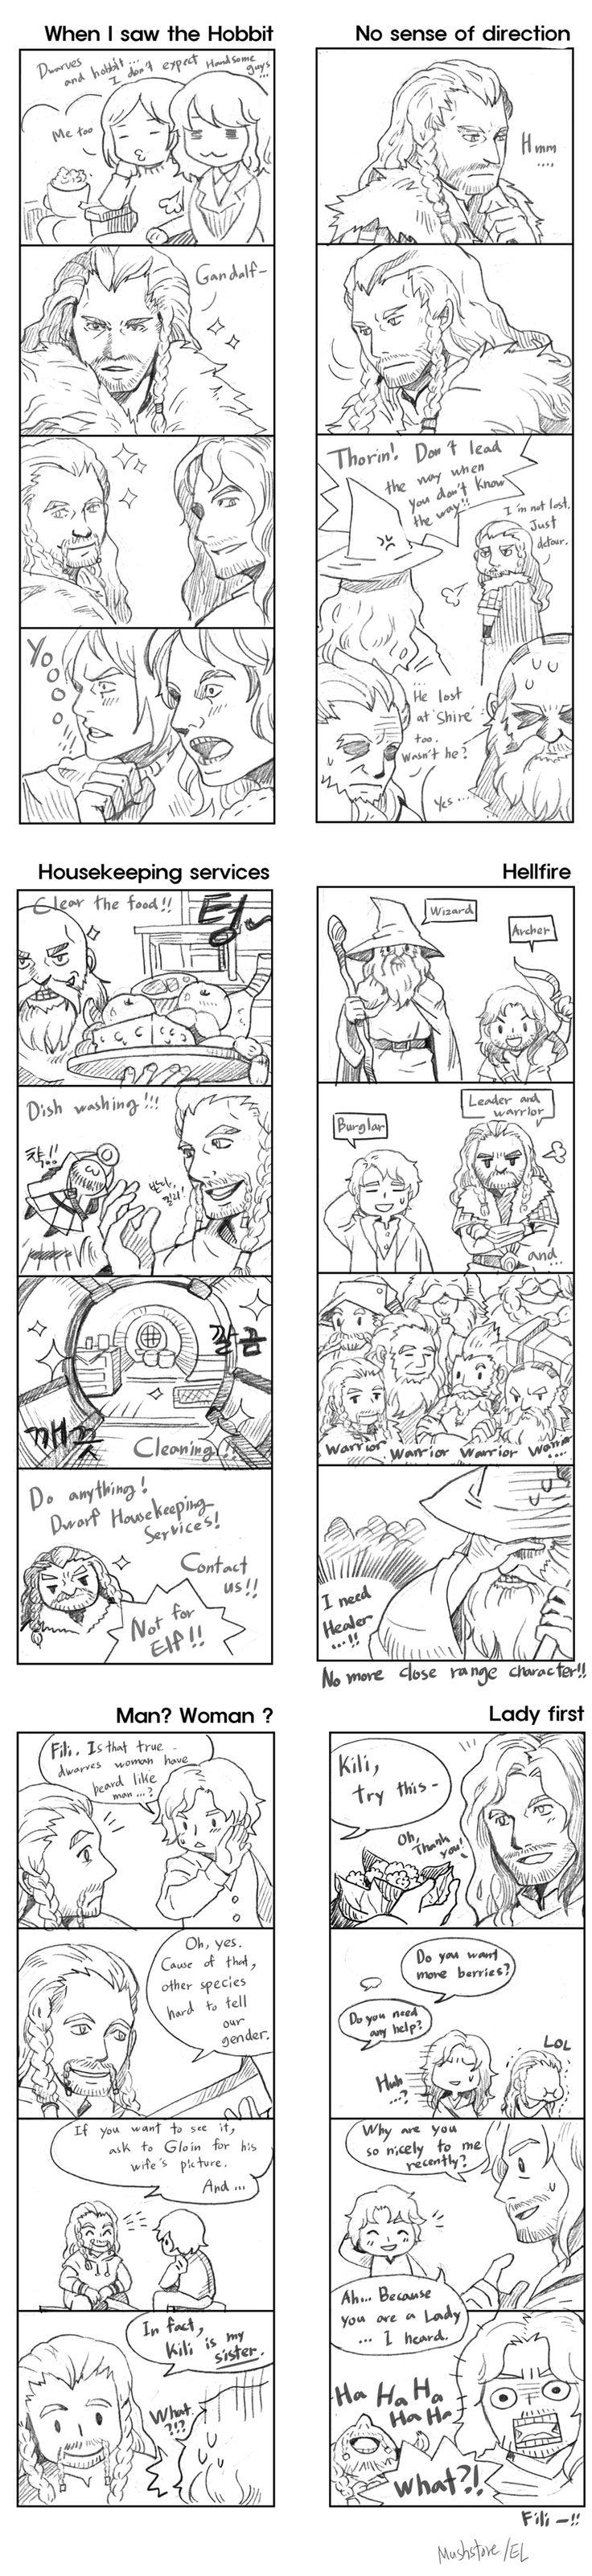 The Hobbit: An Unexpected Journey / 4 cut comics by Mushstone.deviantart.com on @deviantART